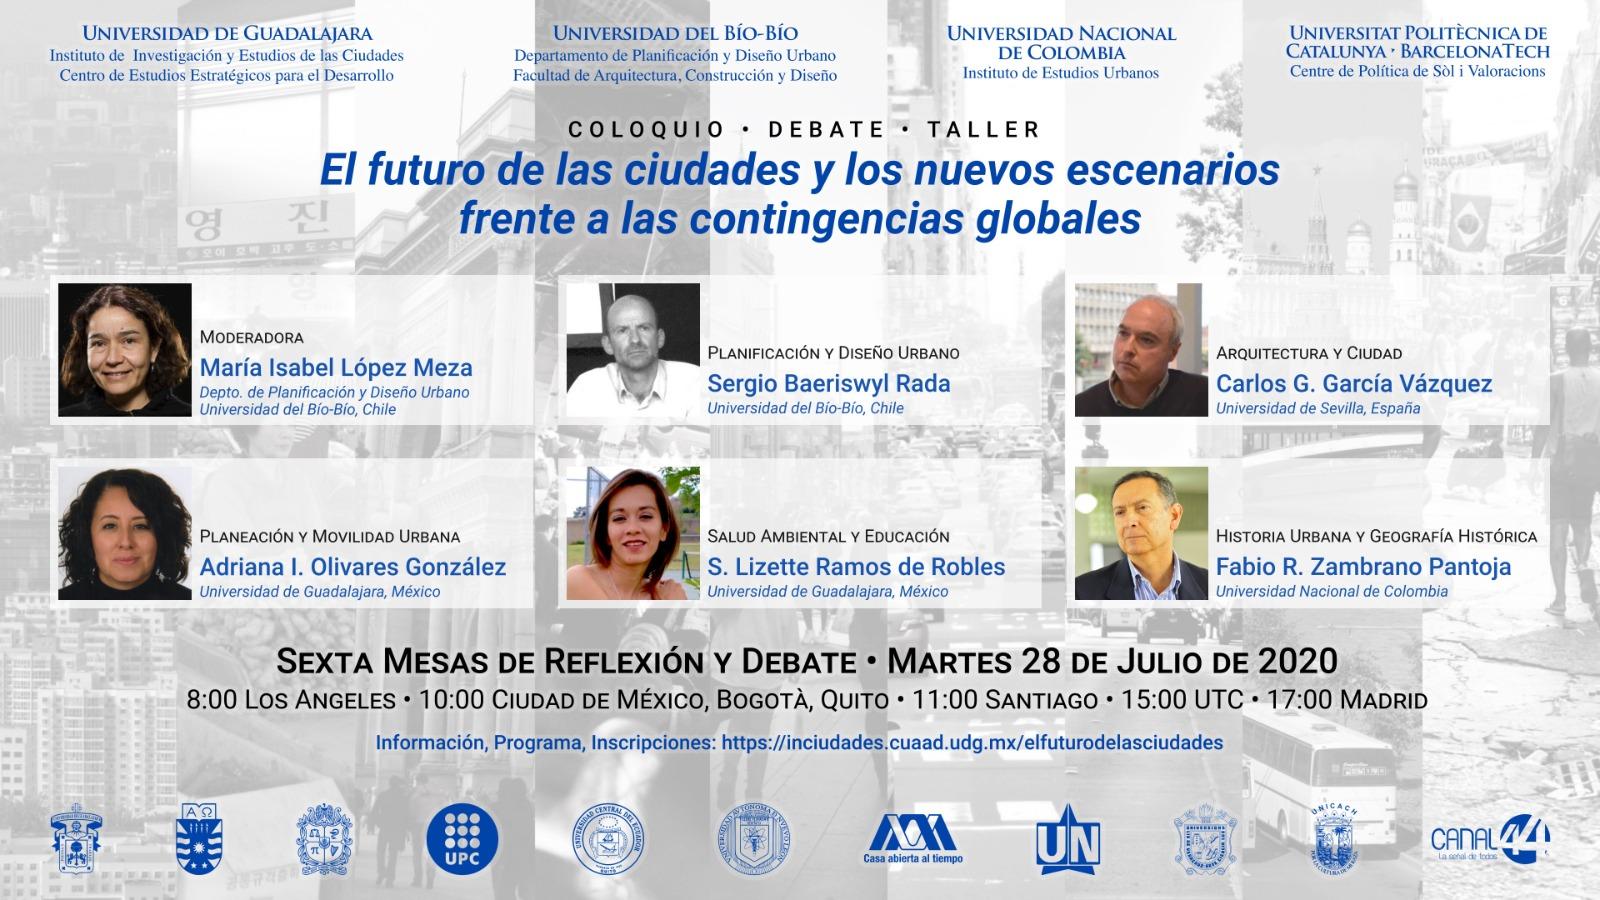 Coloquio El futuro de las ciudades y los nuevos escenarios a las contingencias globales